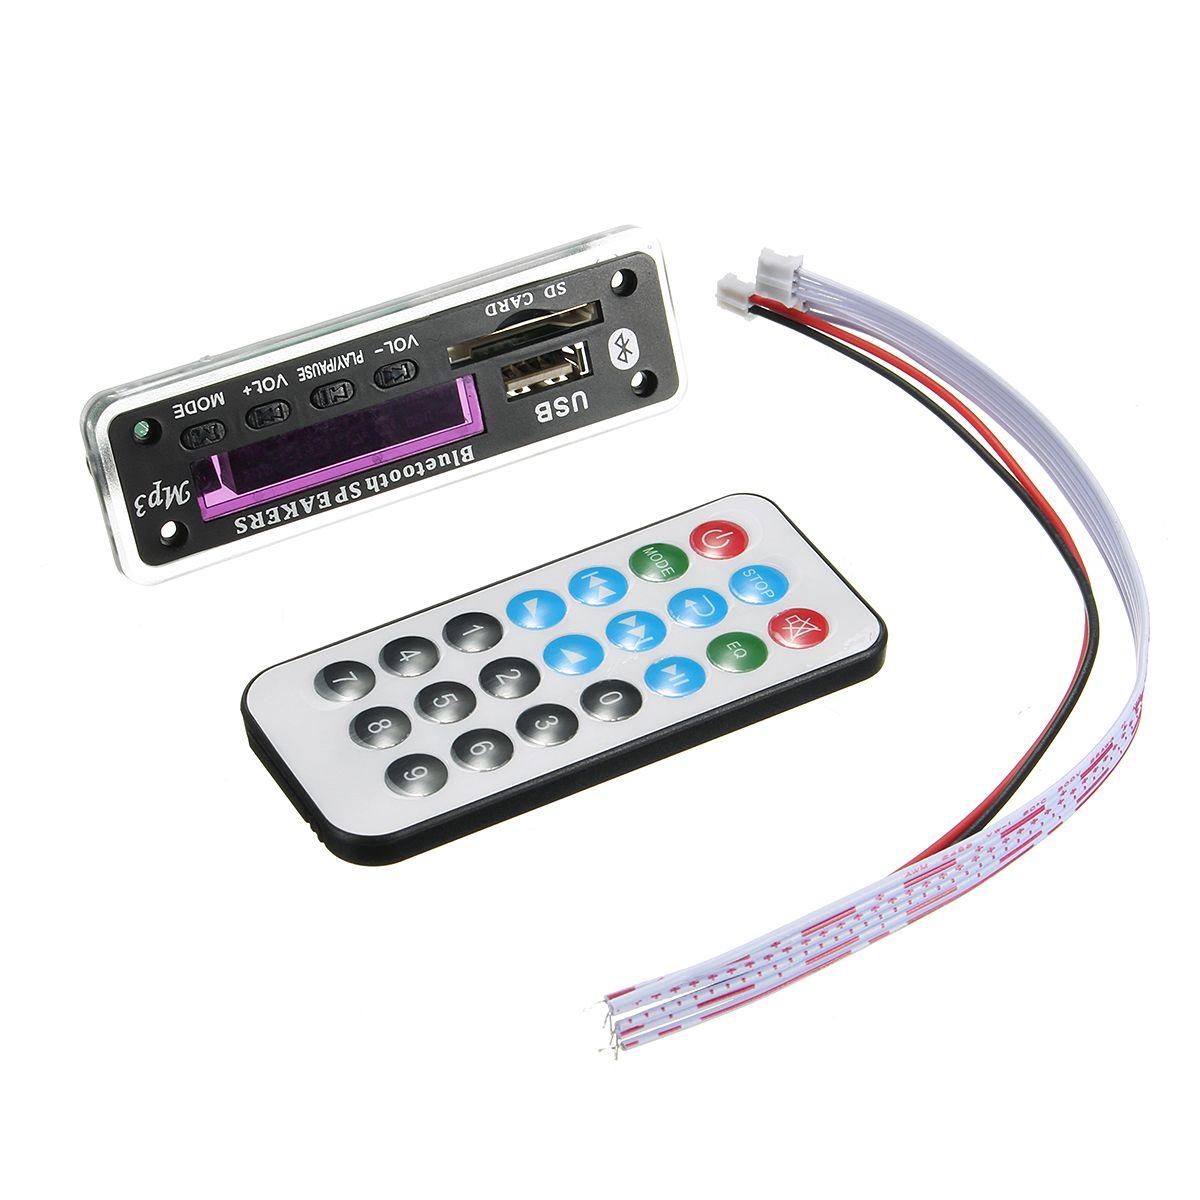 M01bt69 12v Inalambrica Wma Bluetooth Placa De Decodificador Mp3